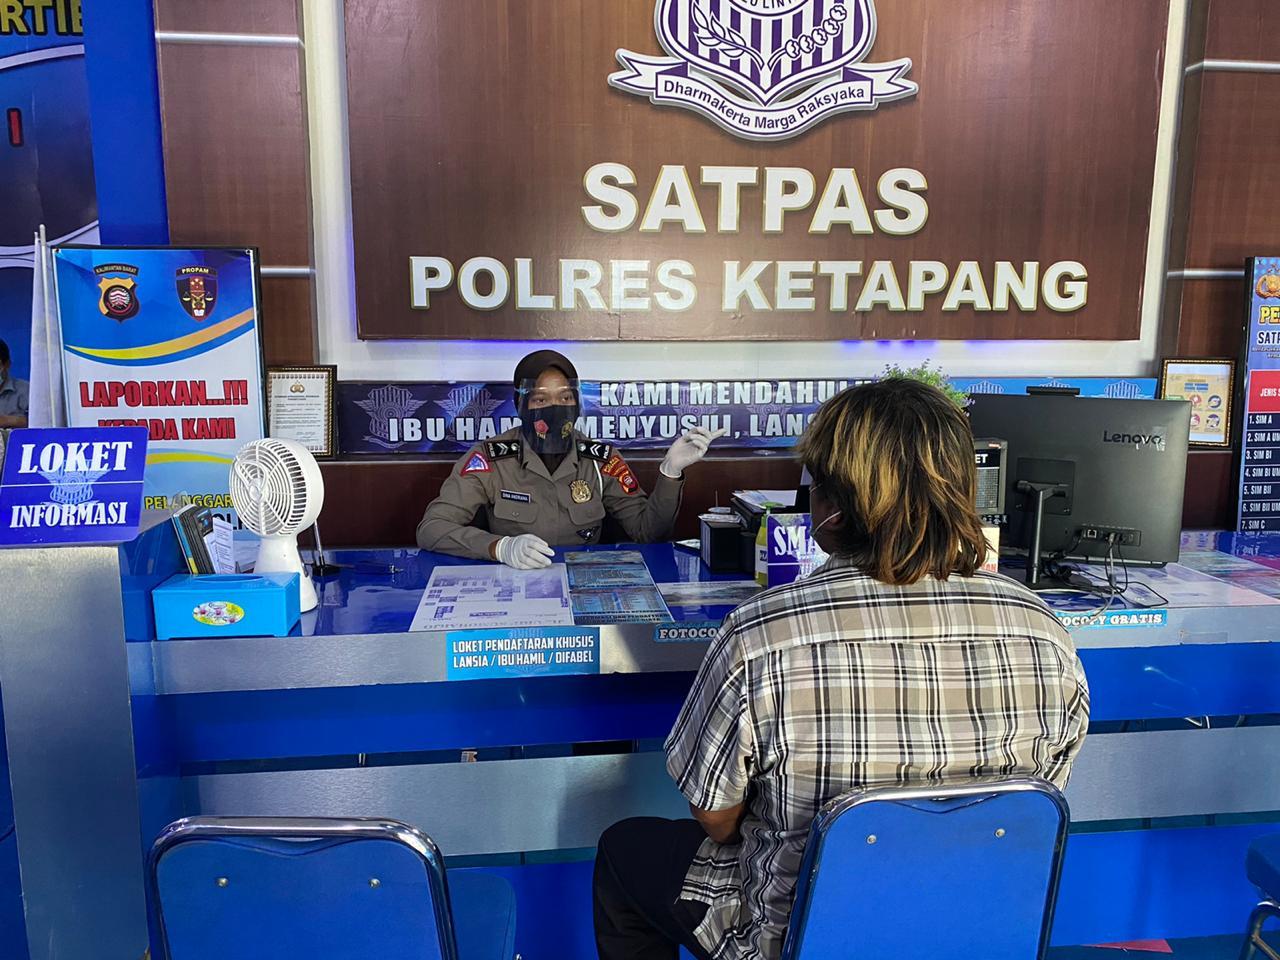 PELAYANAN HUMANIS DAN BERIKAN INFORMASI KEPADA MASYARAKAT DALAM PELAYANAN SIM